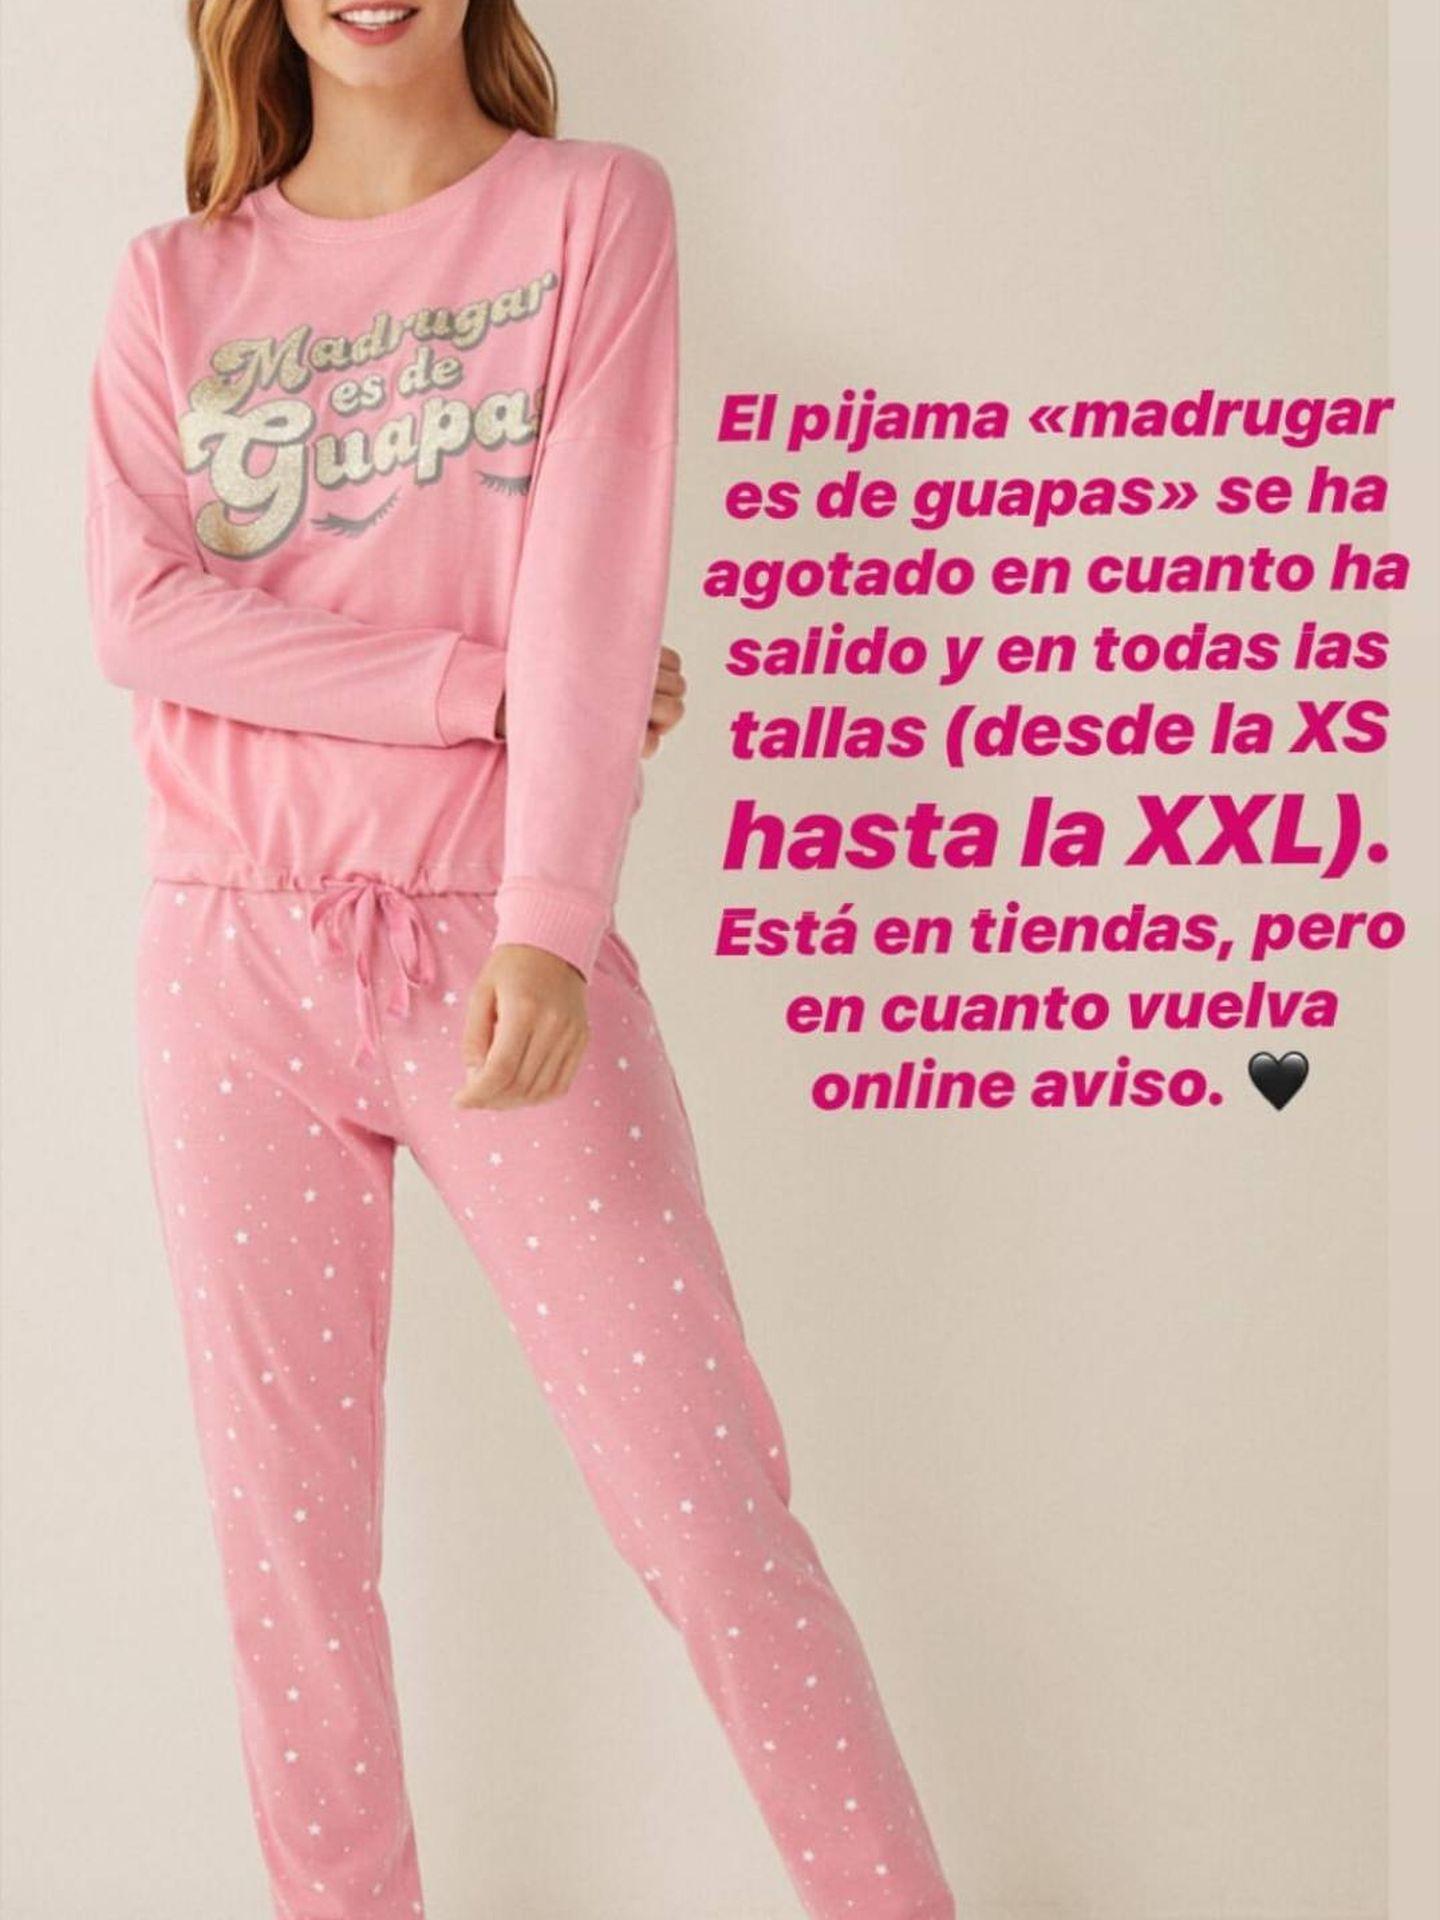 Instagram @lavecinarubia.